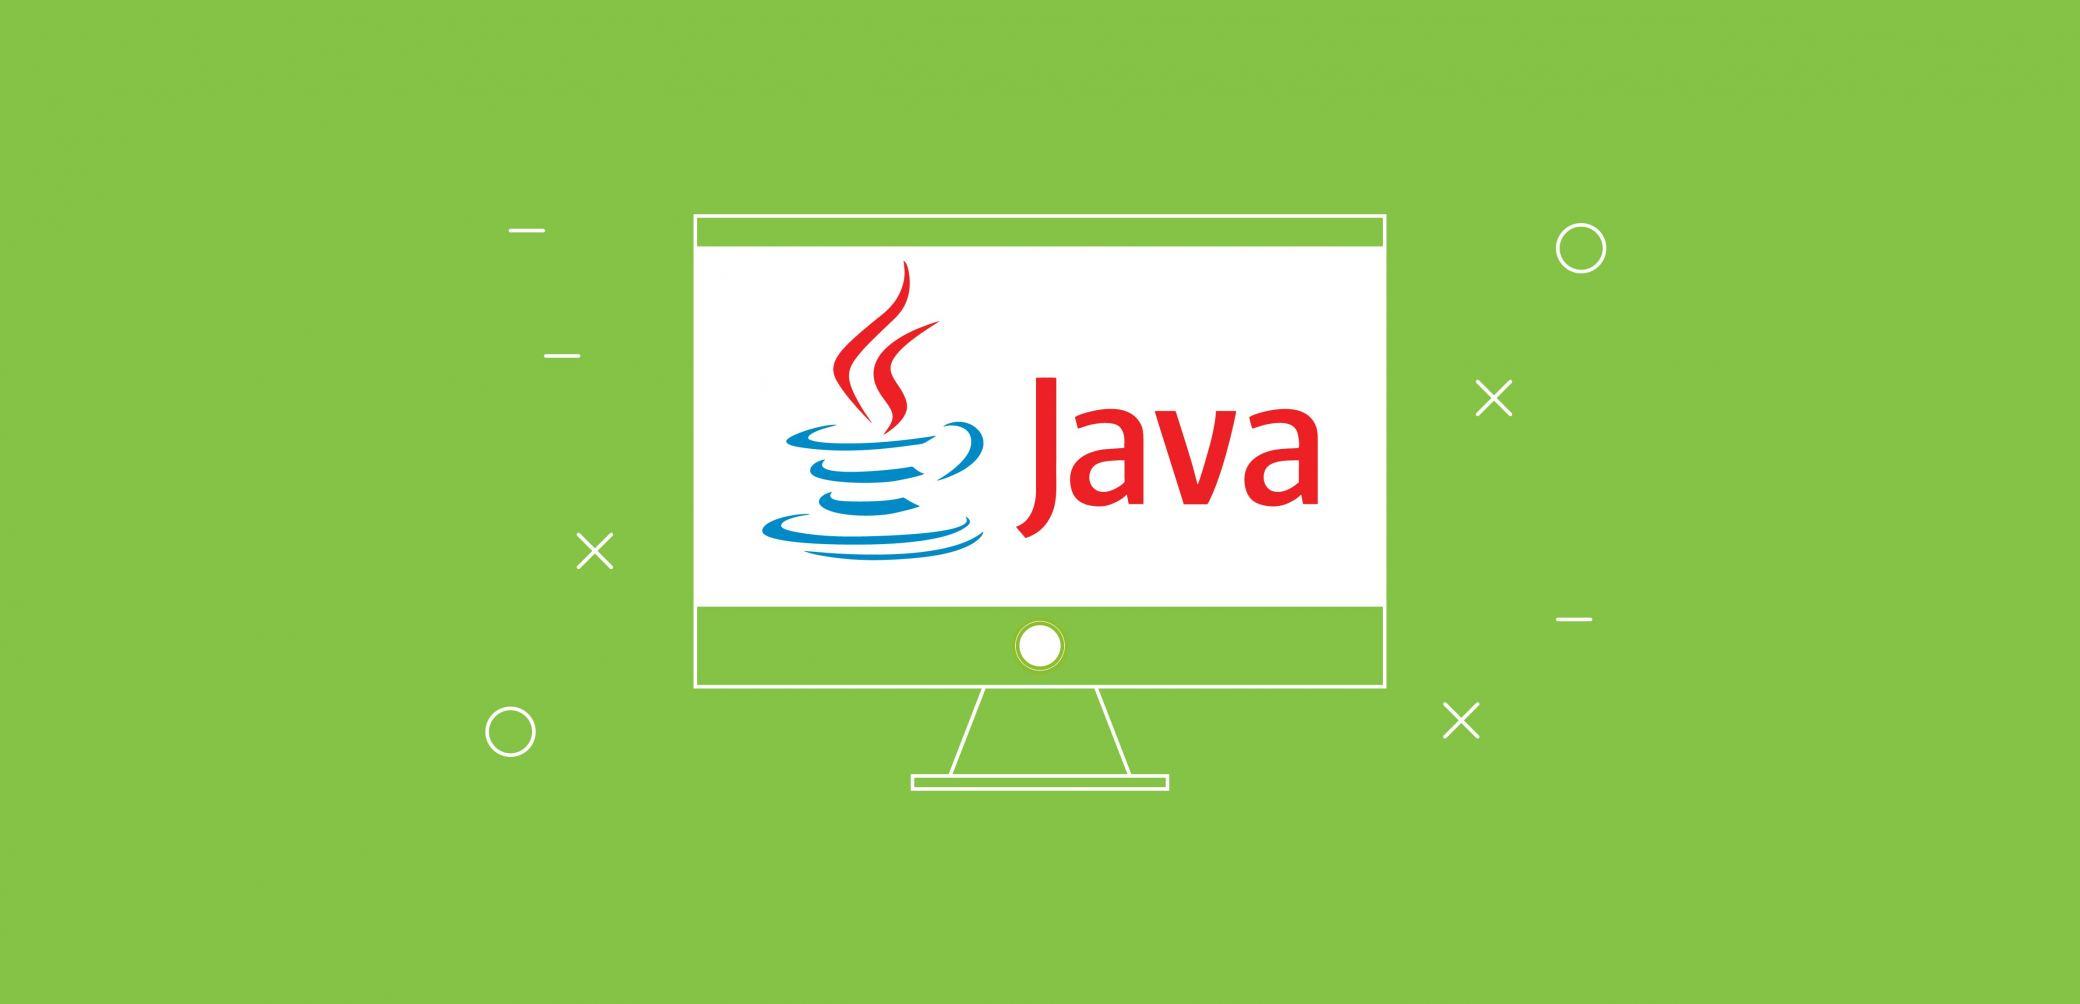 Applicazioni Java EE: perché scegliere questo linguaggio di programmazione?